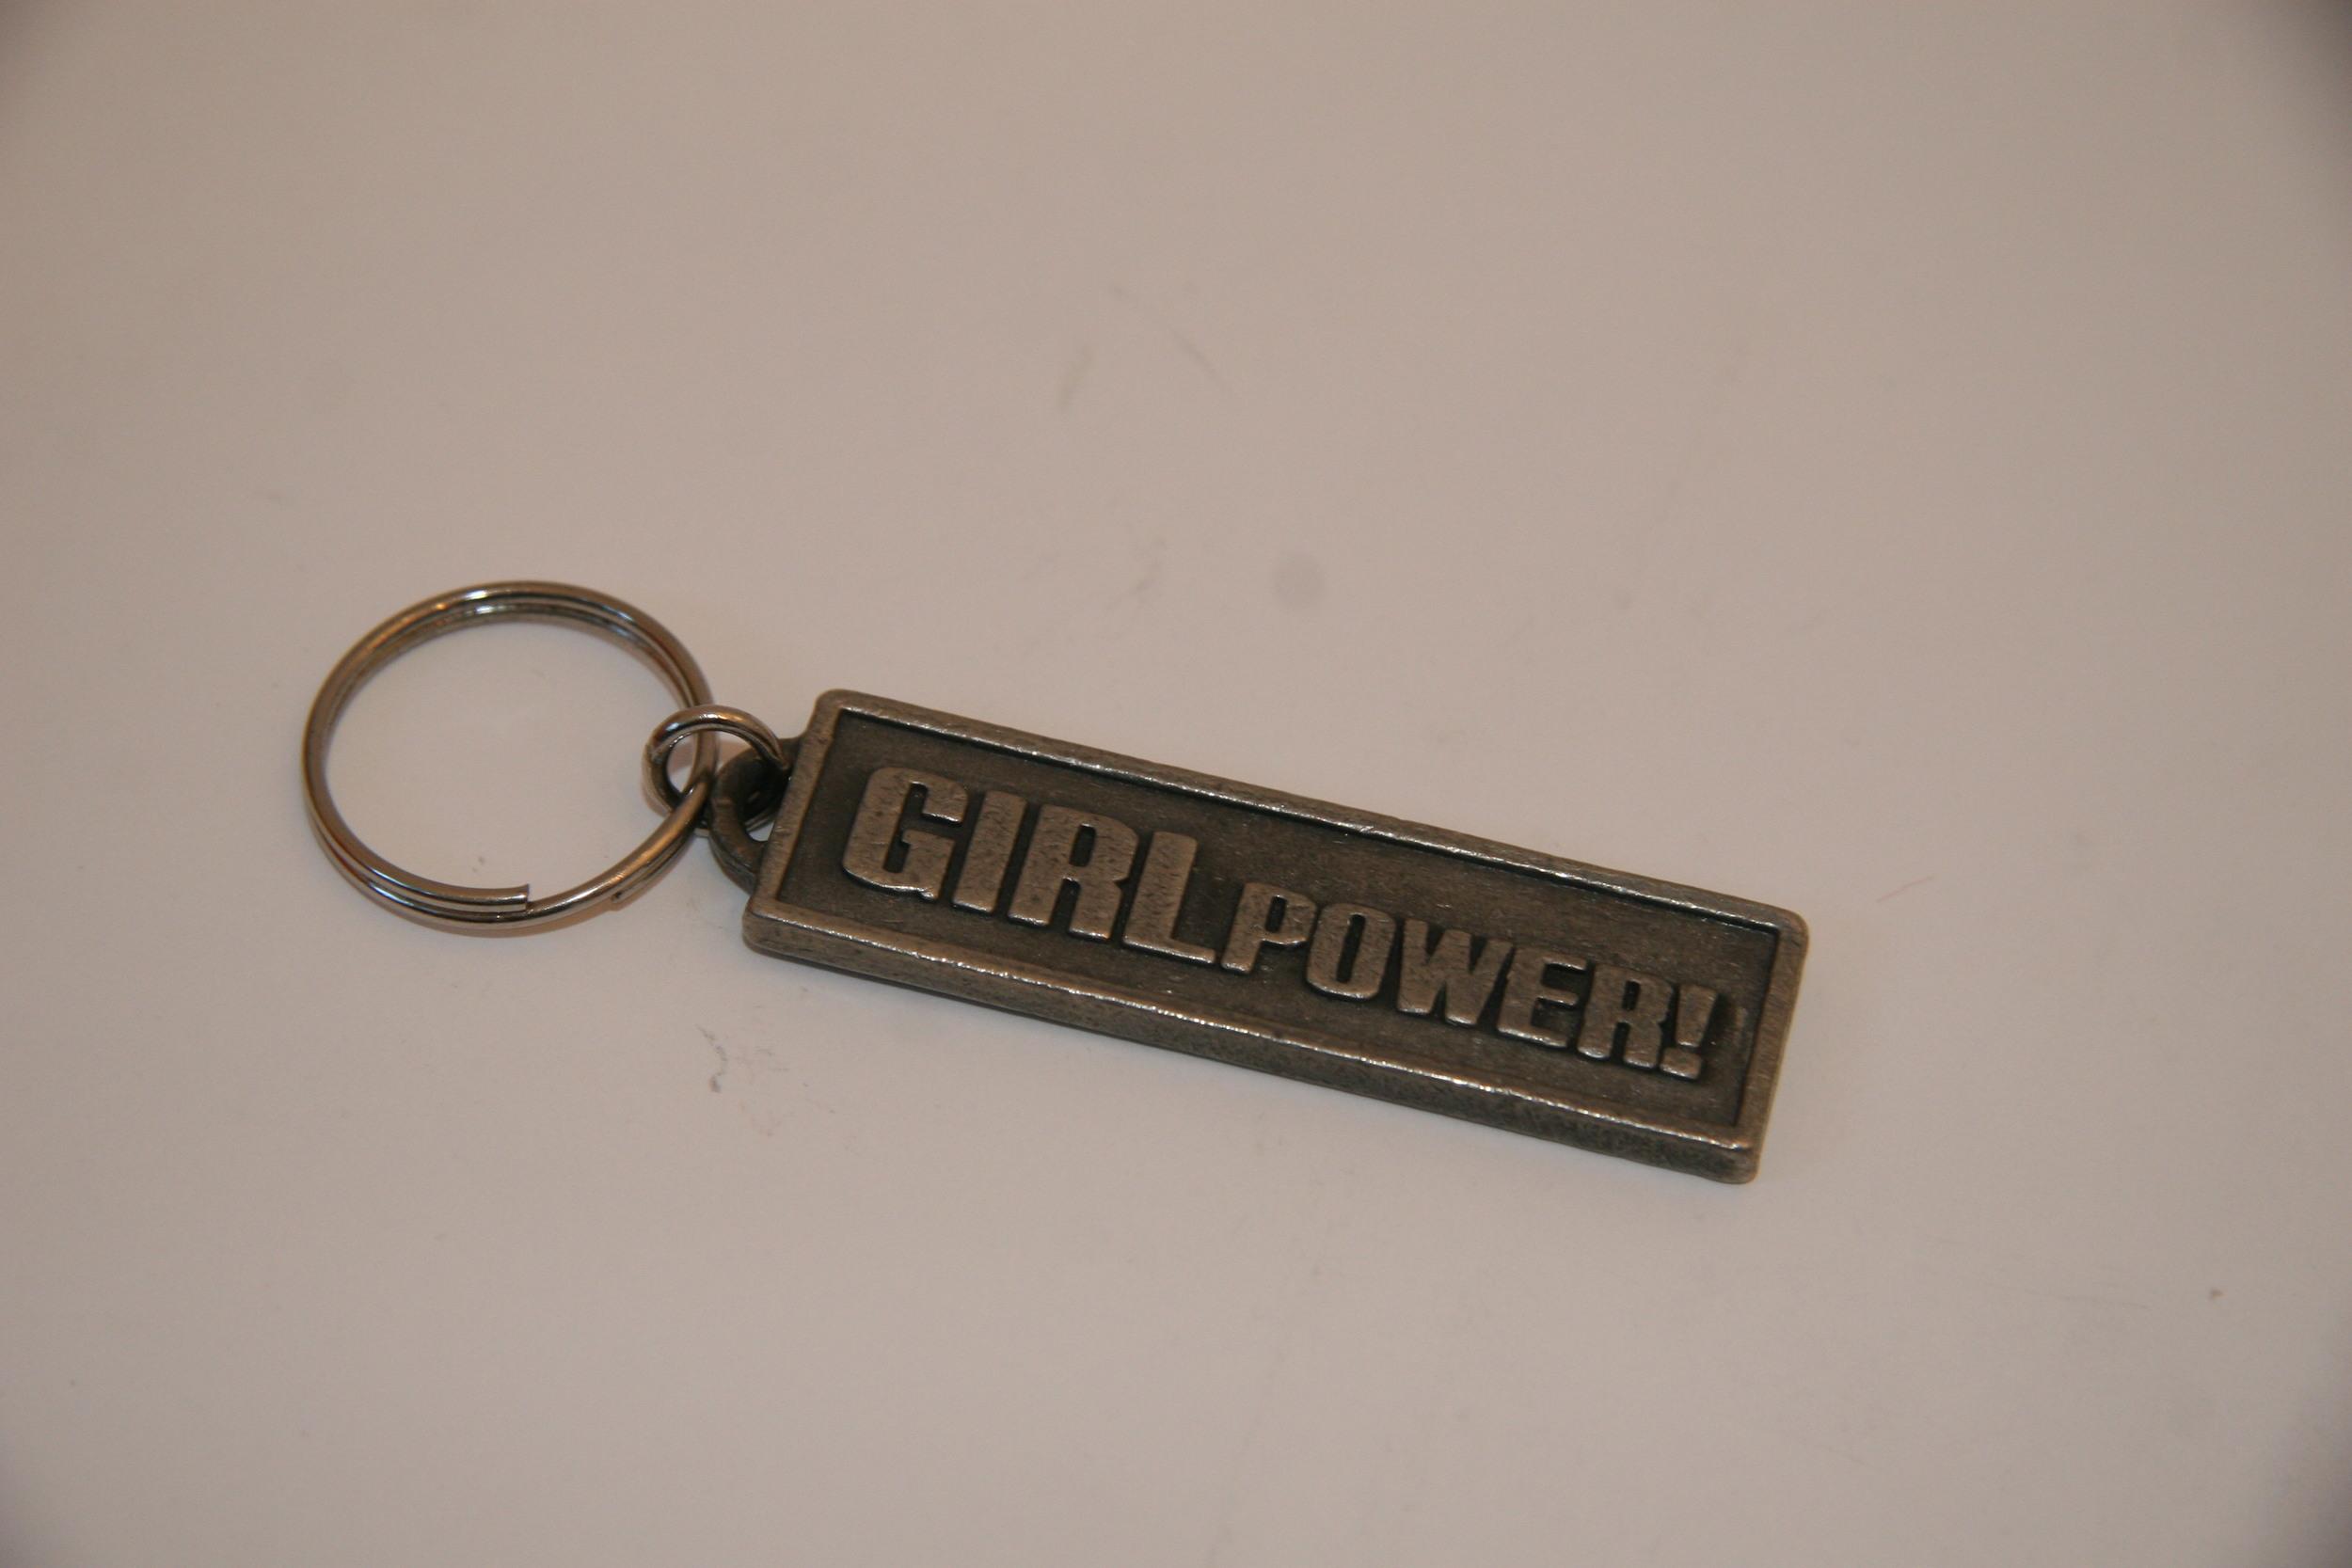 key-sg 004.JPG